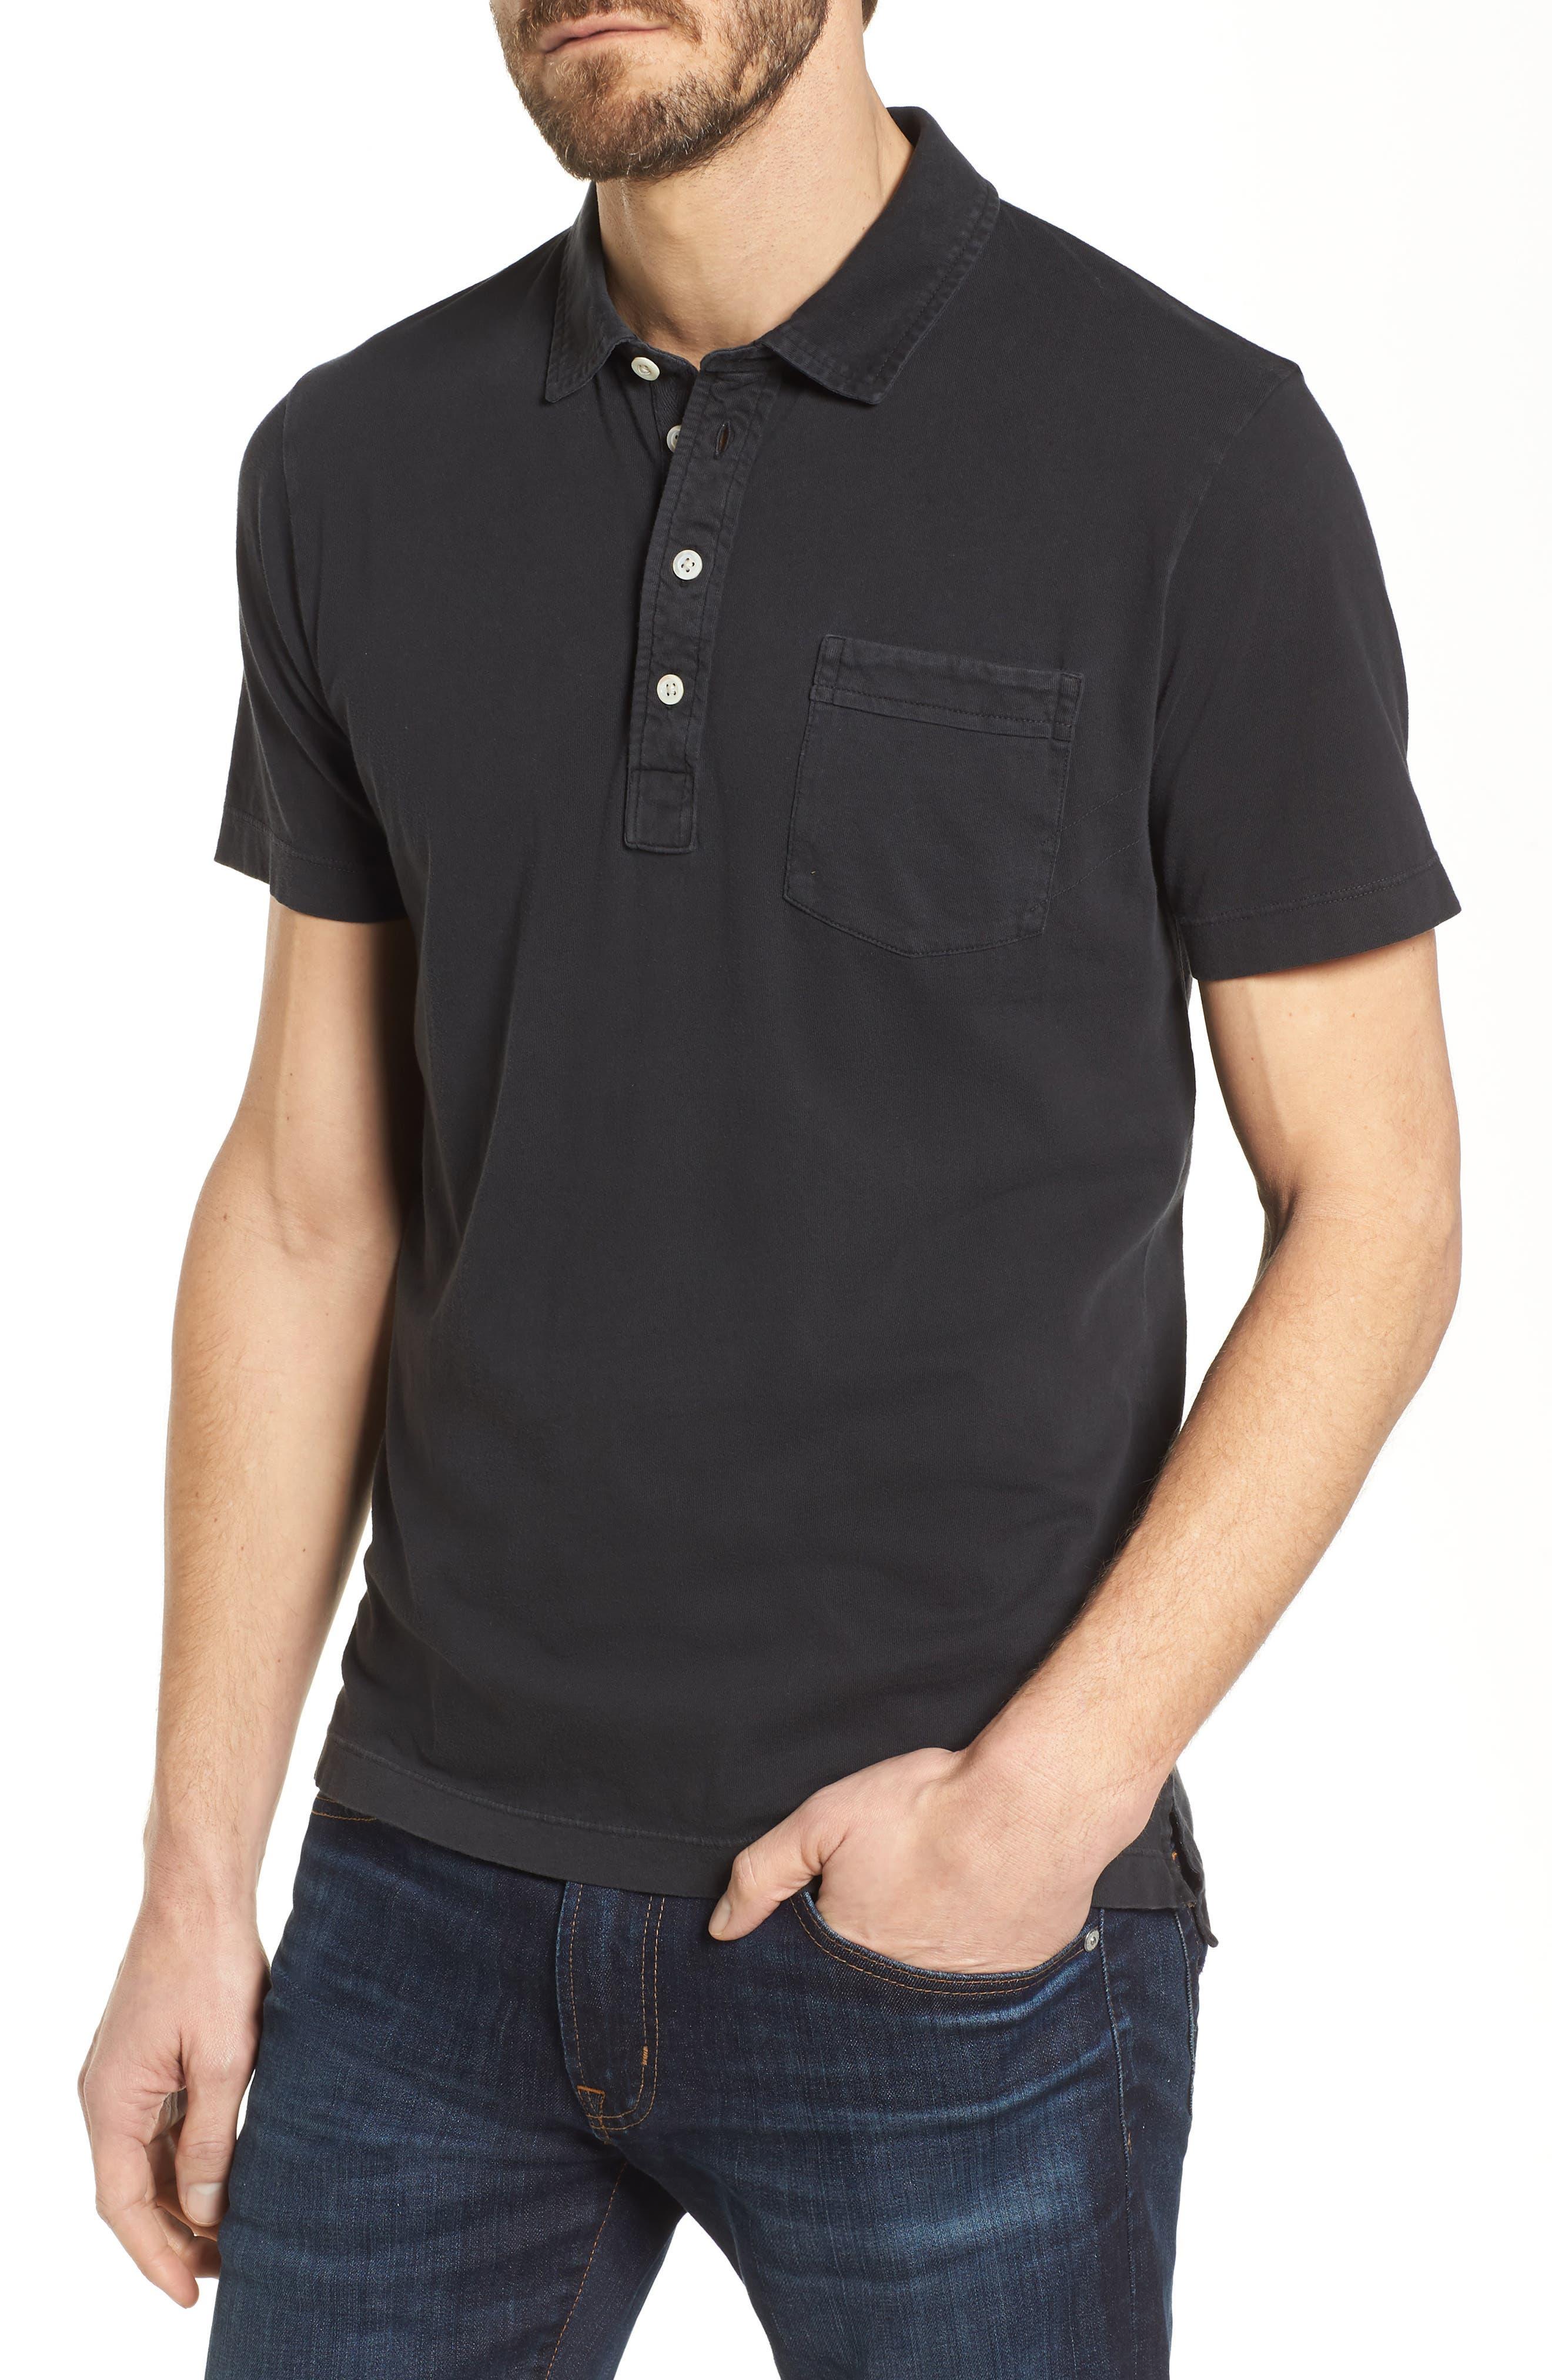 Pensacola GD Slim Fit Polo,                         Main,                         color, Black